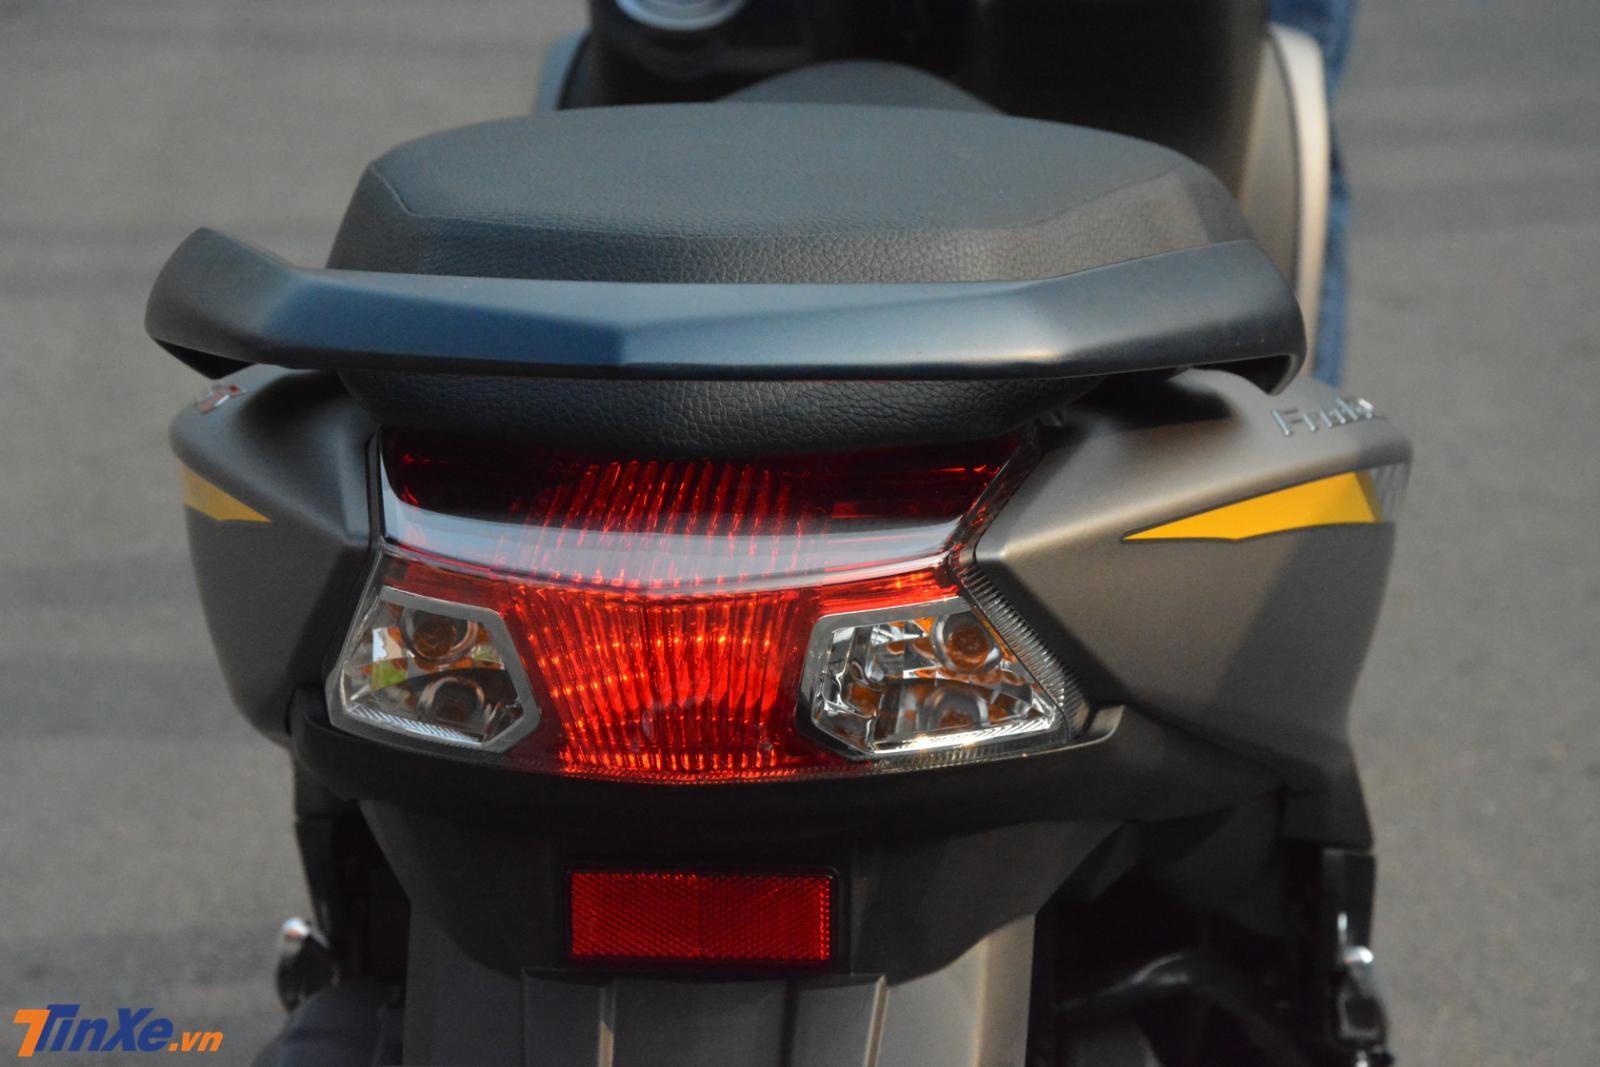 Đèn hậu cũng dùng công nghệ LED nhưng thiết kế được đánh giá chưa đẹp mắt